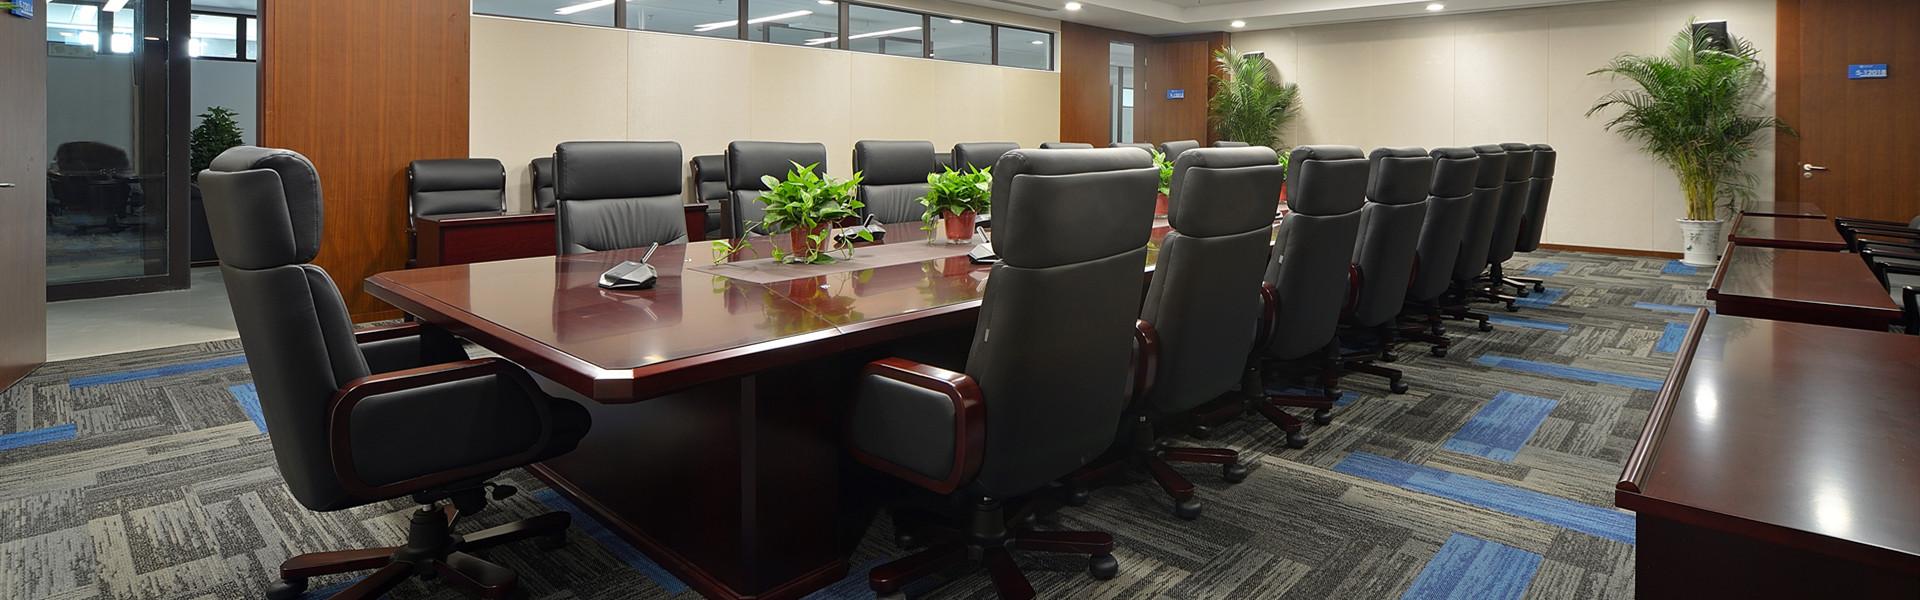 西安交通大学会议空间 圣奥办公家具设计